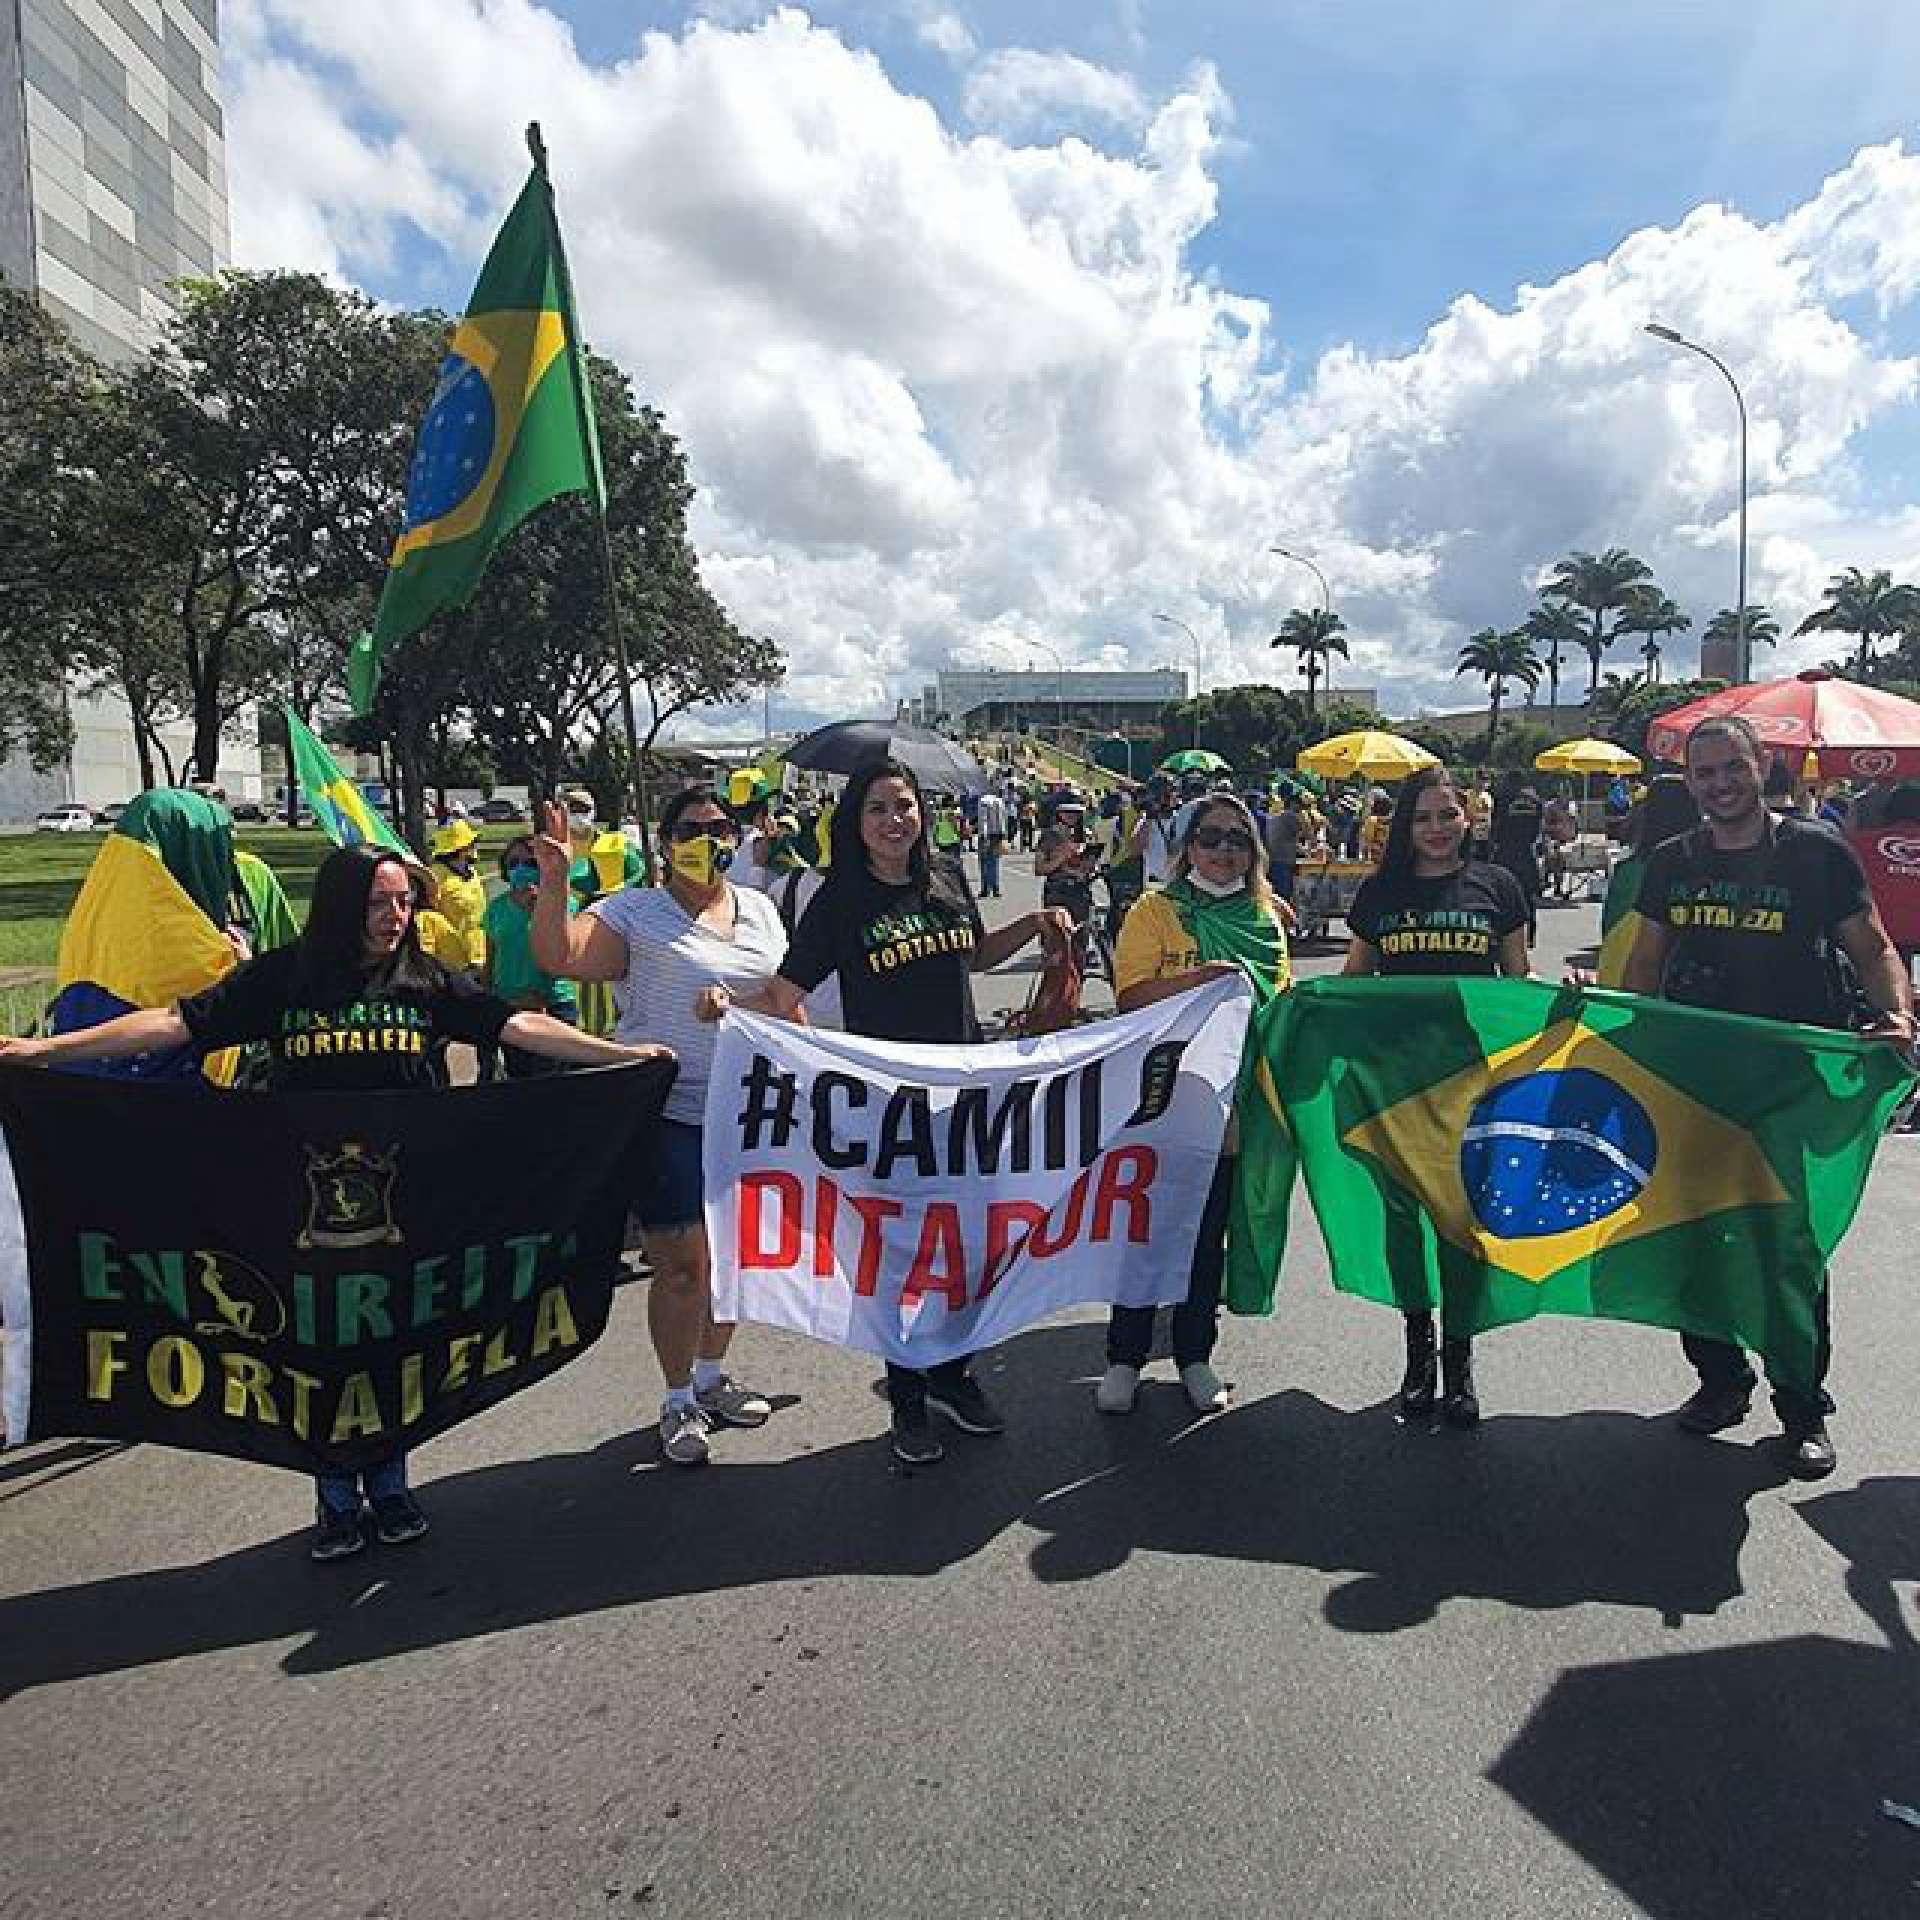 Guilherme Julian marcou presença em recentes protestos contra o governador Camilo Santana e as medidas de distanciamento social impostas em decorrência da pandemia do novo coronavírus